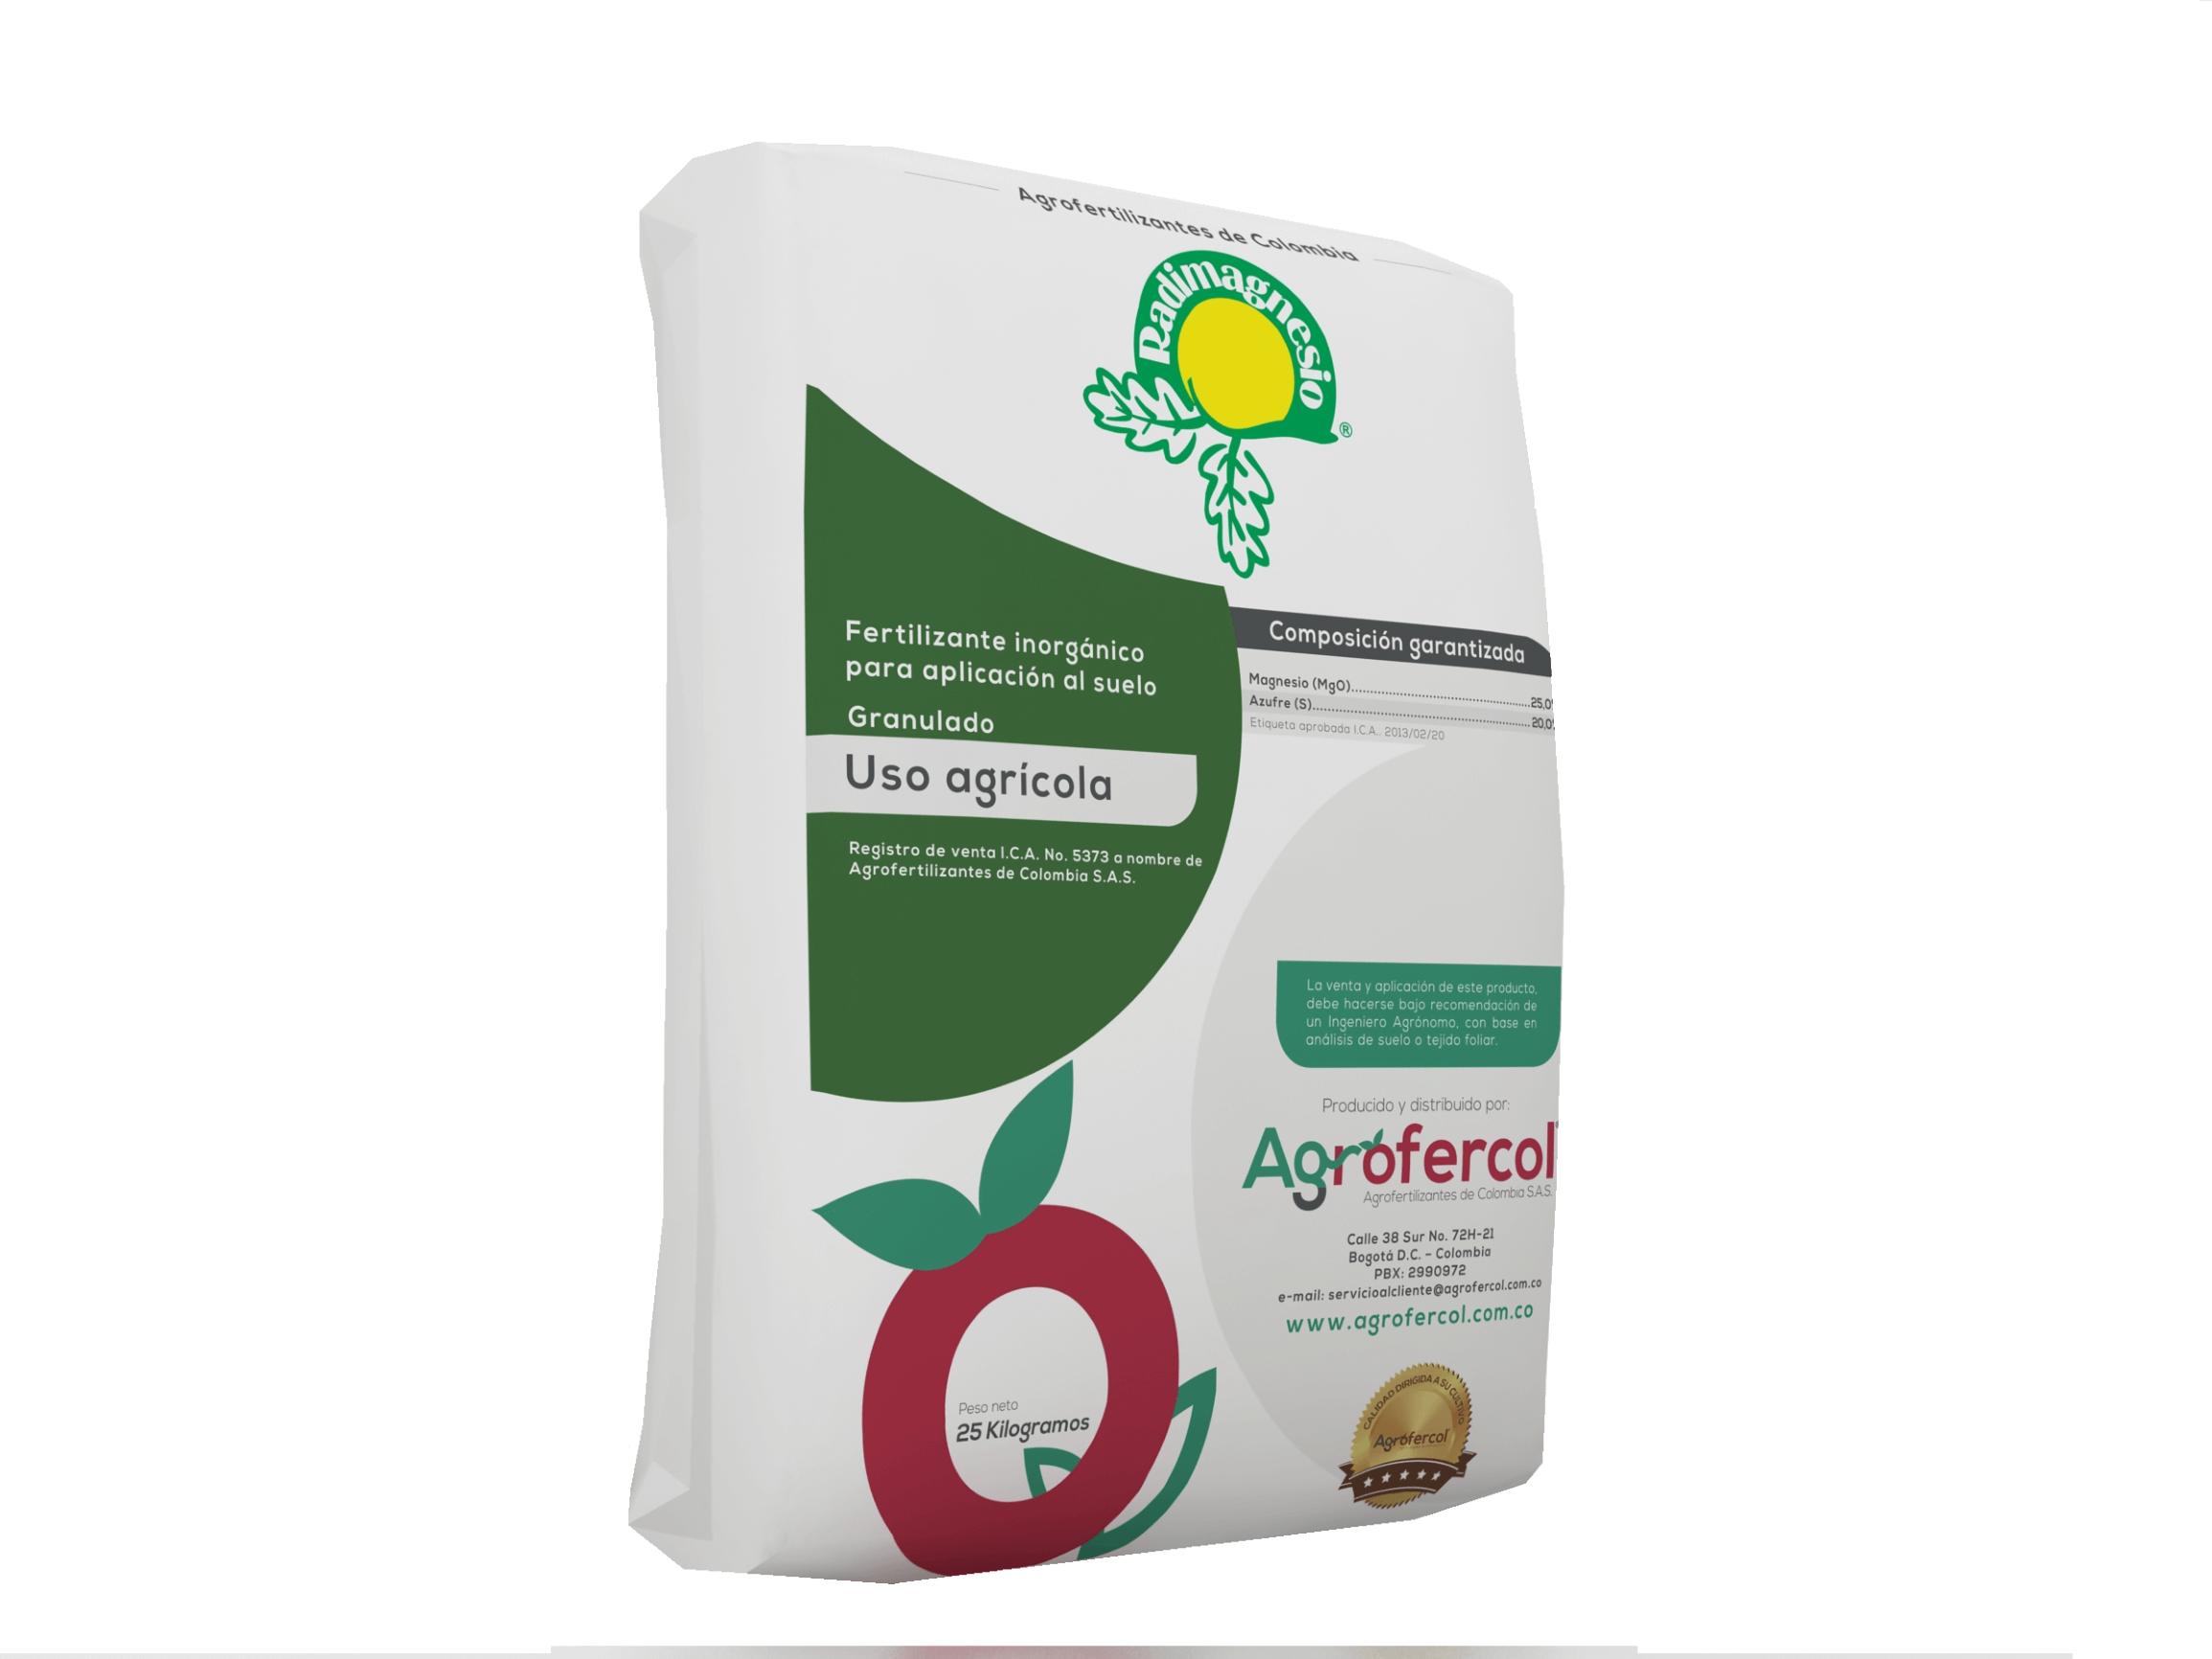 Fertilizante-Inorgánico--Agrofercol-RADIMAGNESIO.png